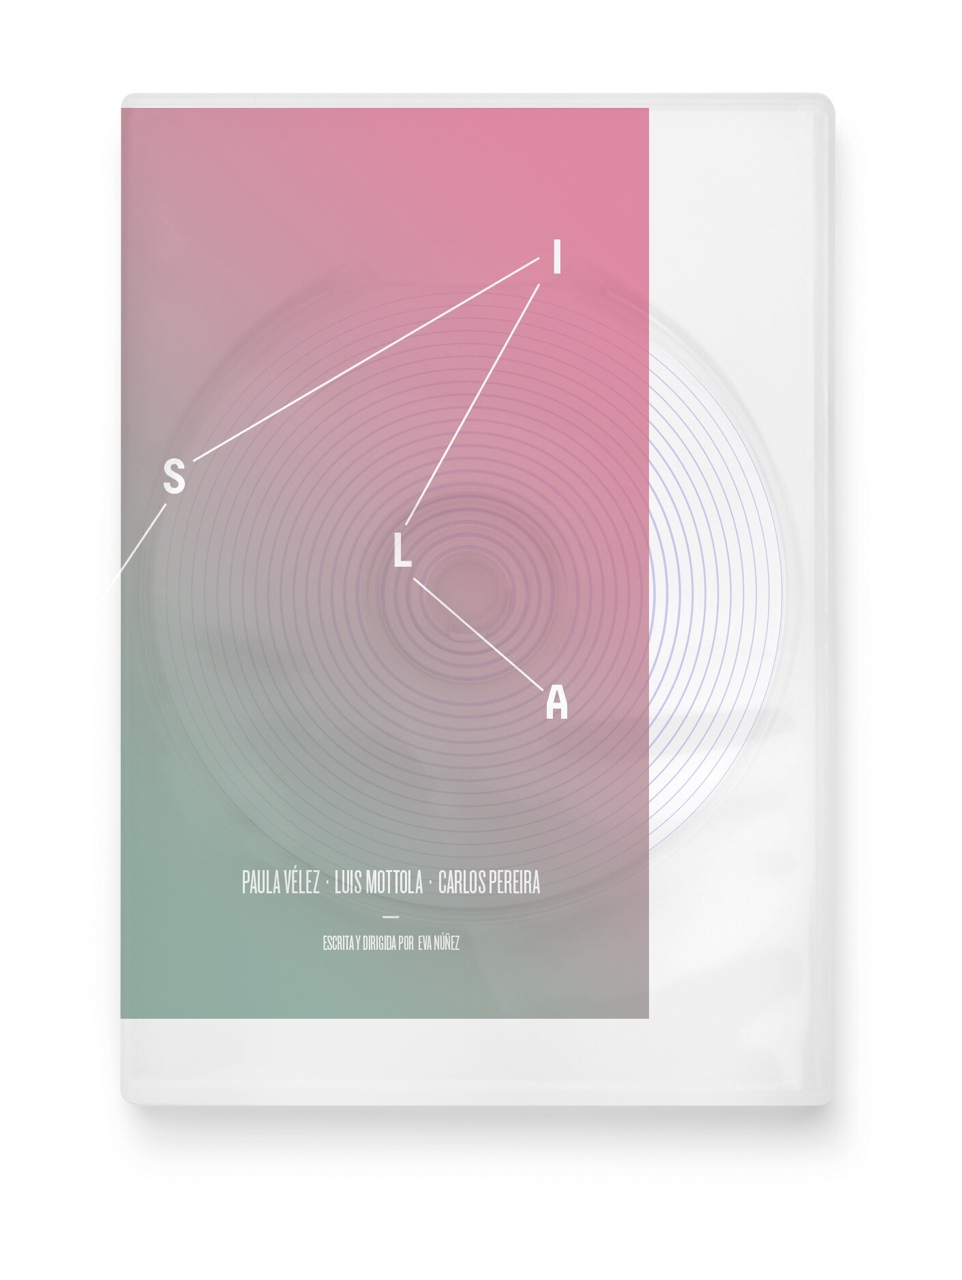 quim marin graphic design 11